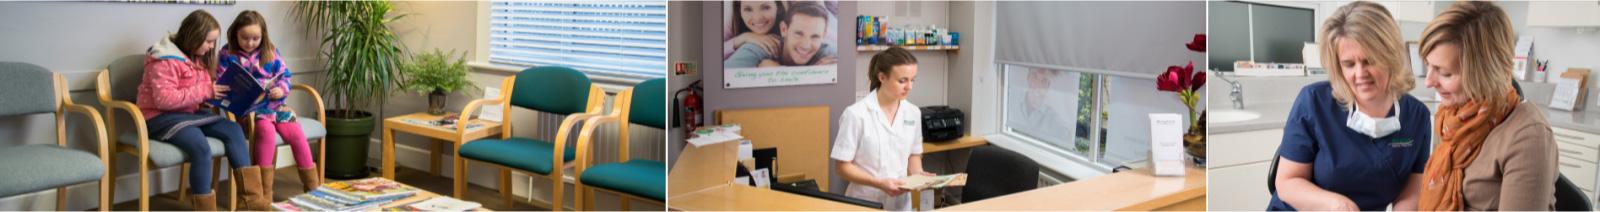 Karin Lewis and Ellie Bradley, staff at Wingham Dental Practice